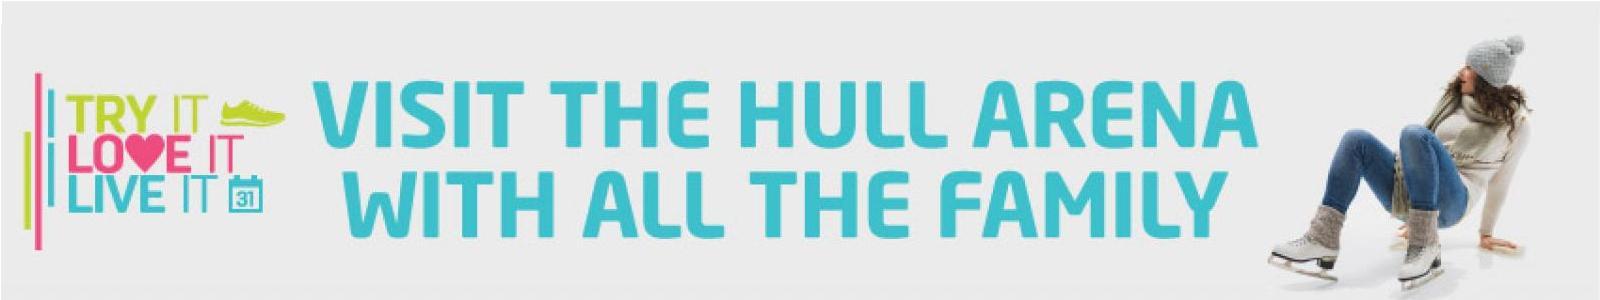 Visit Hull Arena Banner